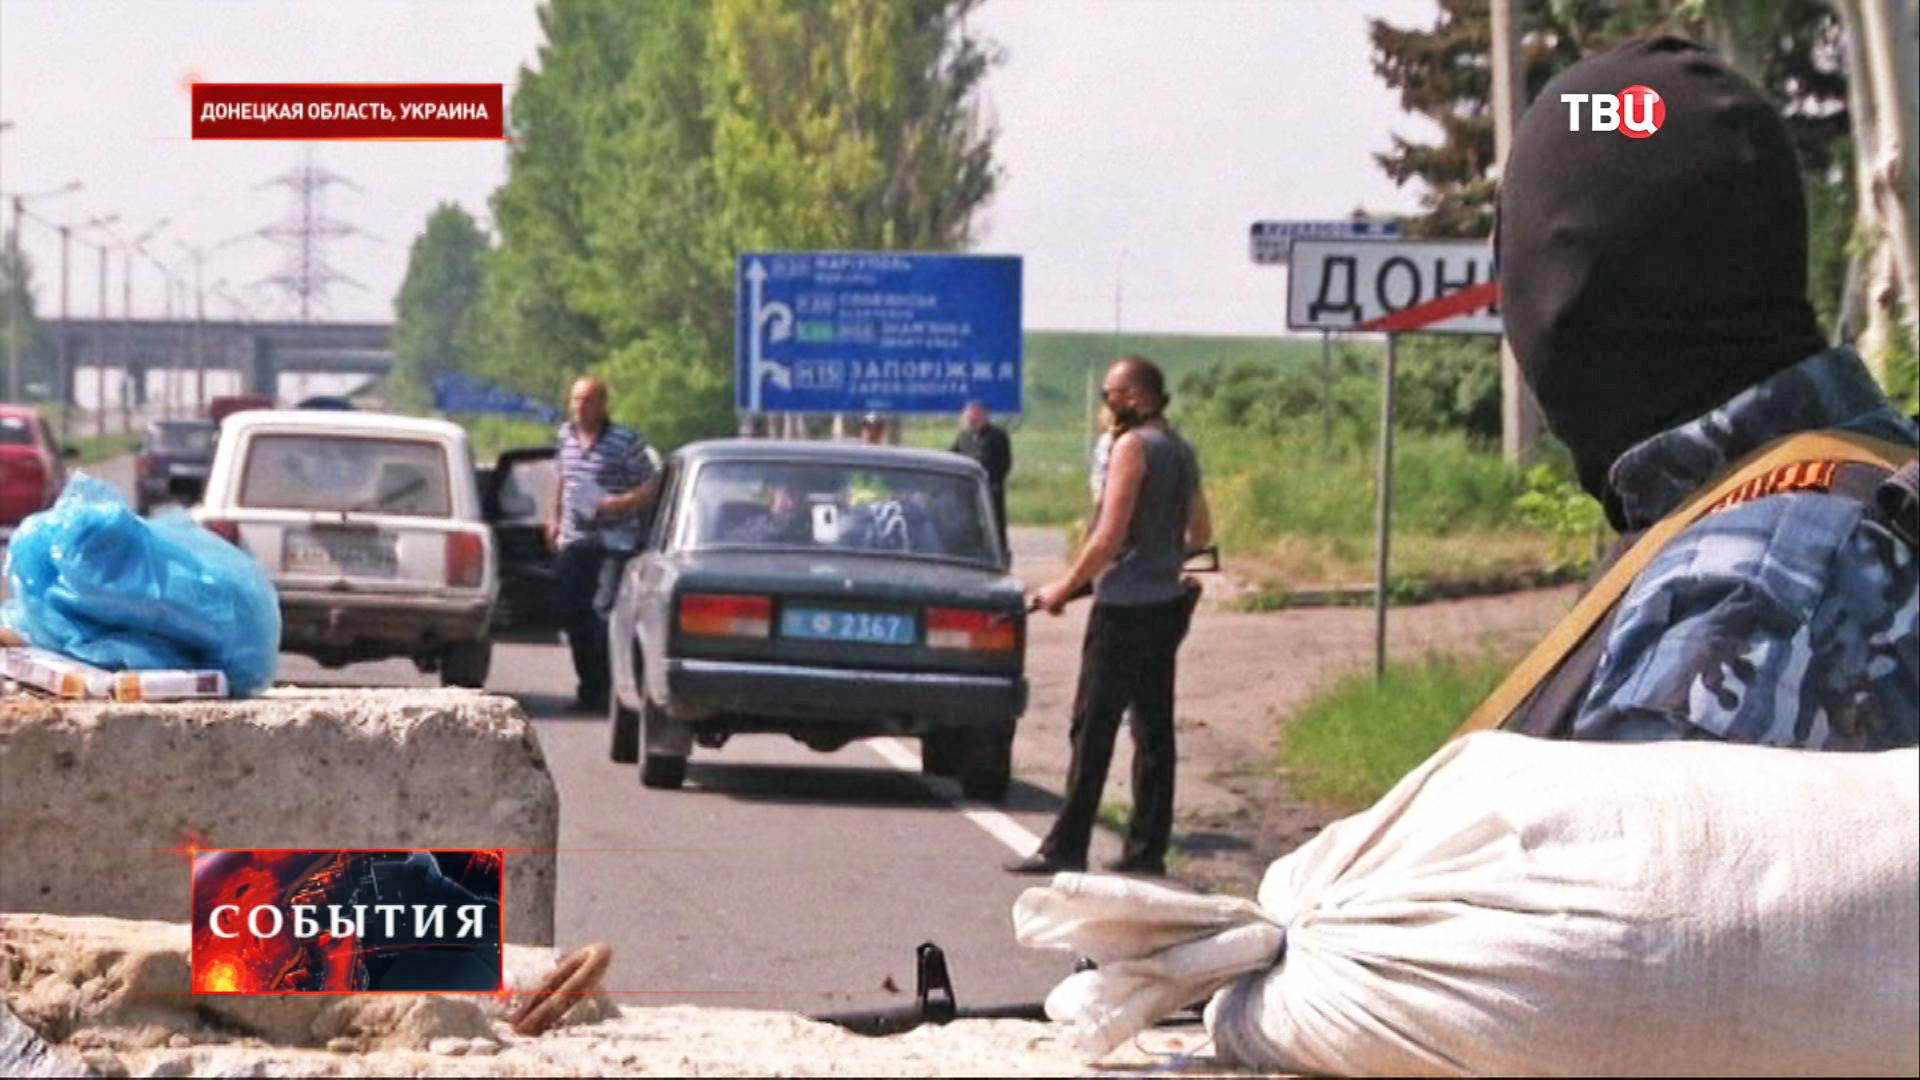 Блокпост народного ополчения в Донецкой области